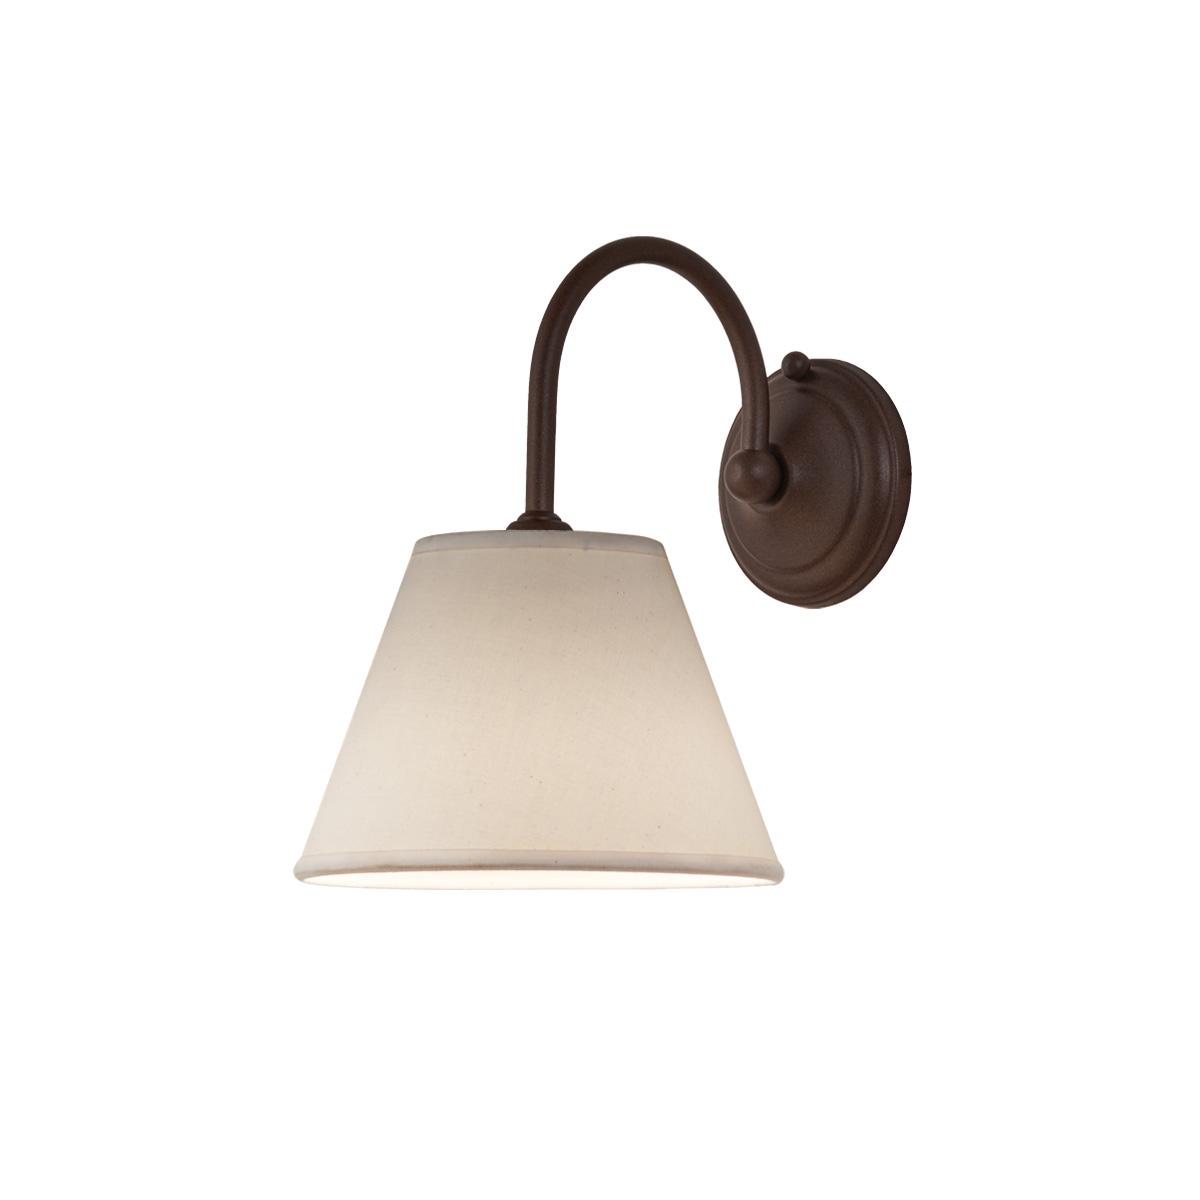 Φωτιστικό τοίχου καφέ σκουριά με καπέλο ΝΑΞΟΣ-2 rusty wall lamp with lamp shade